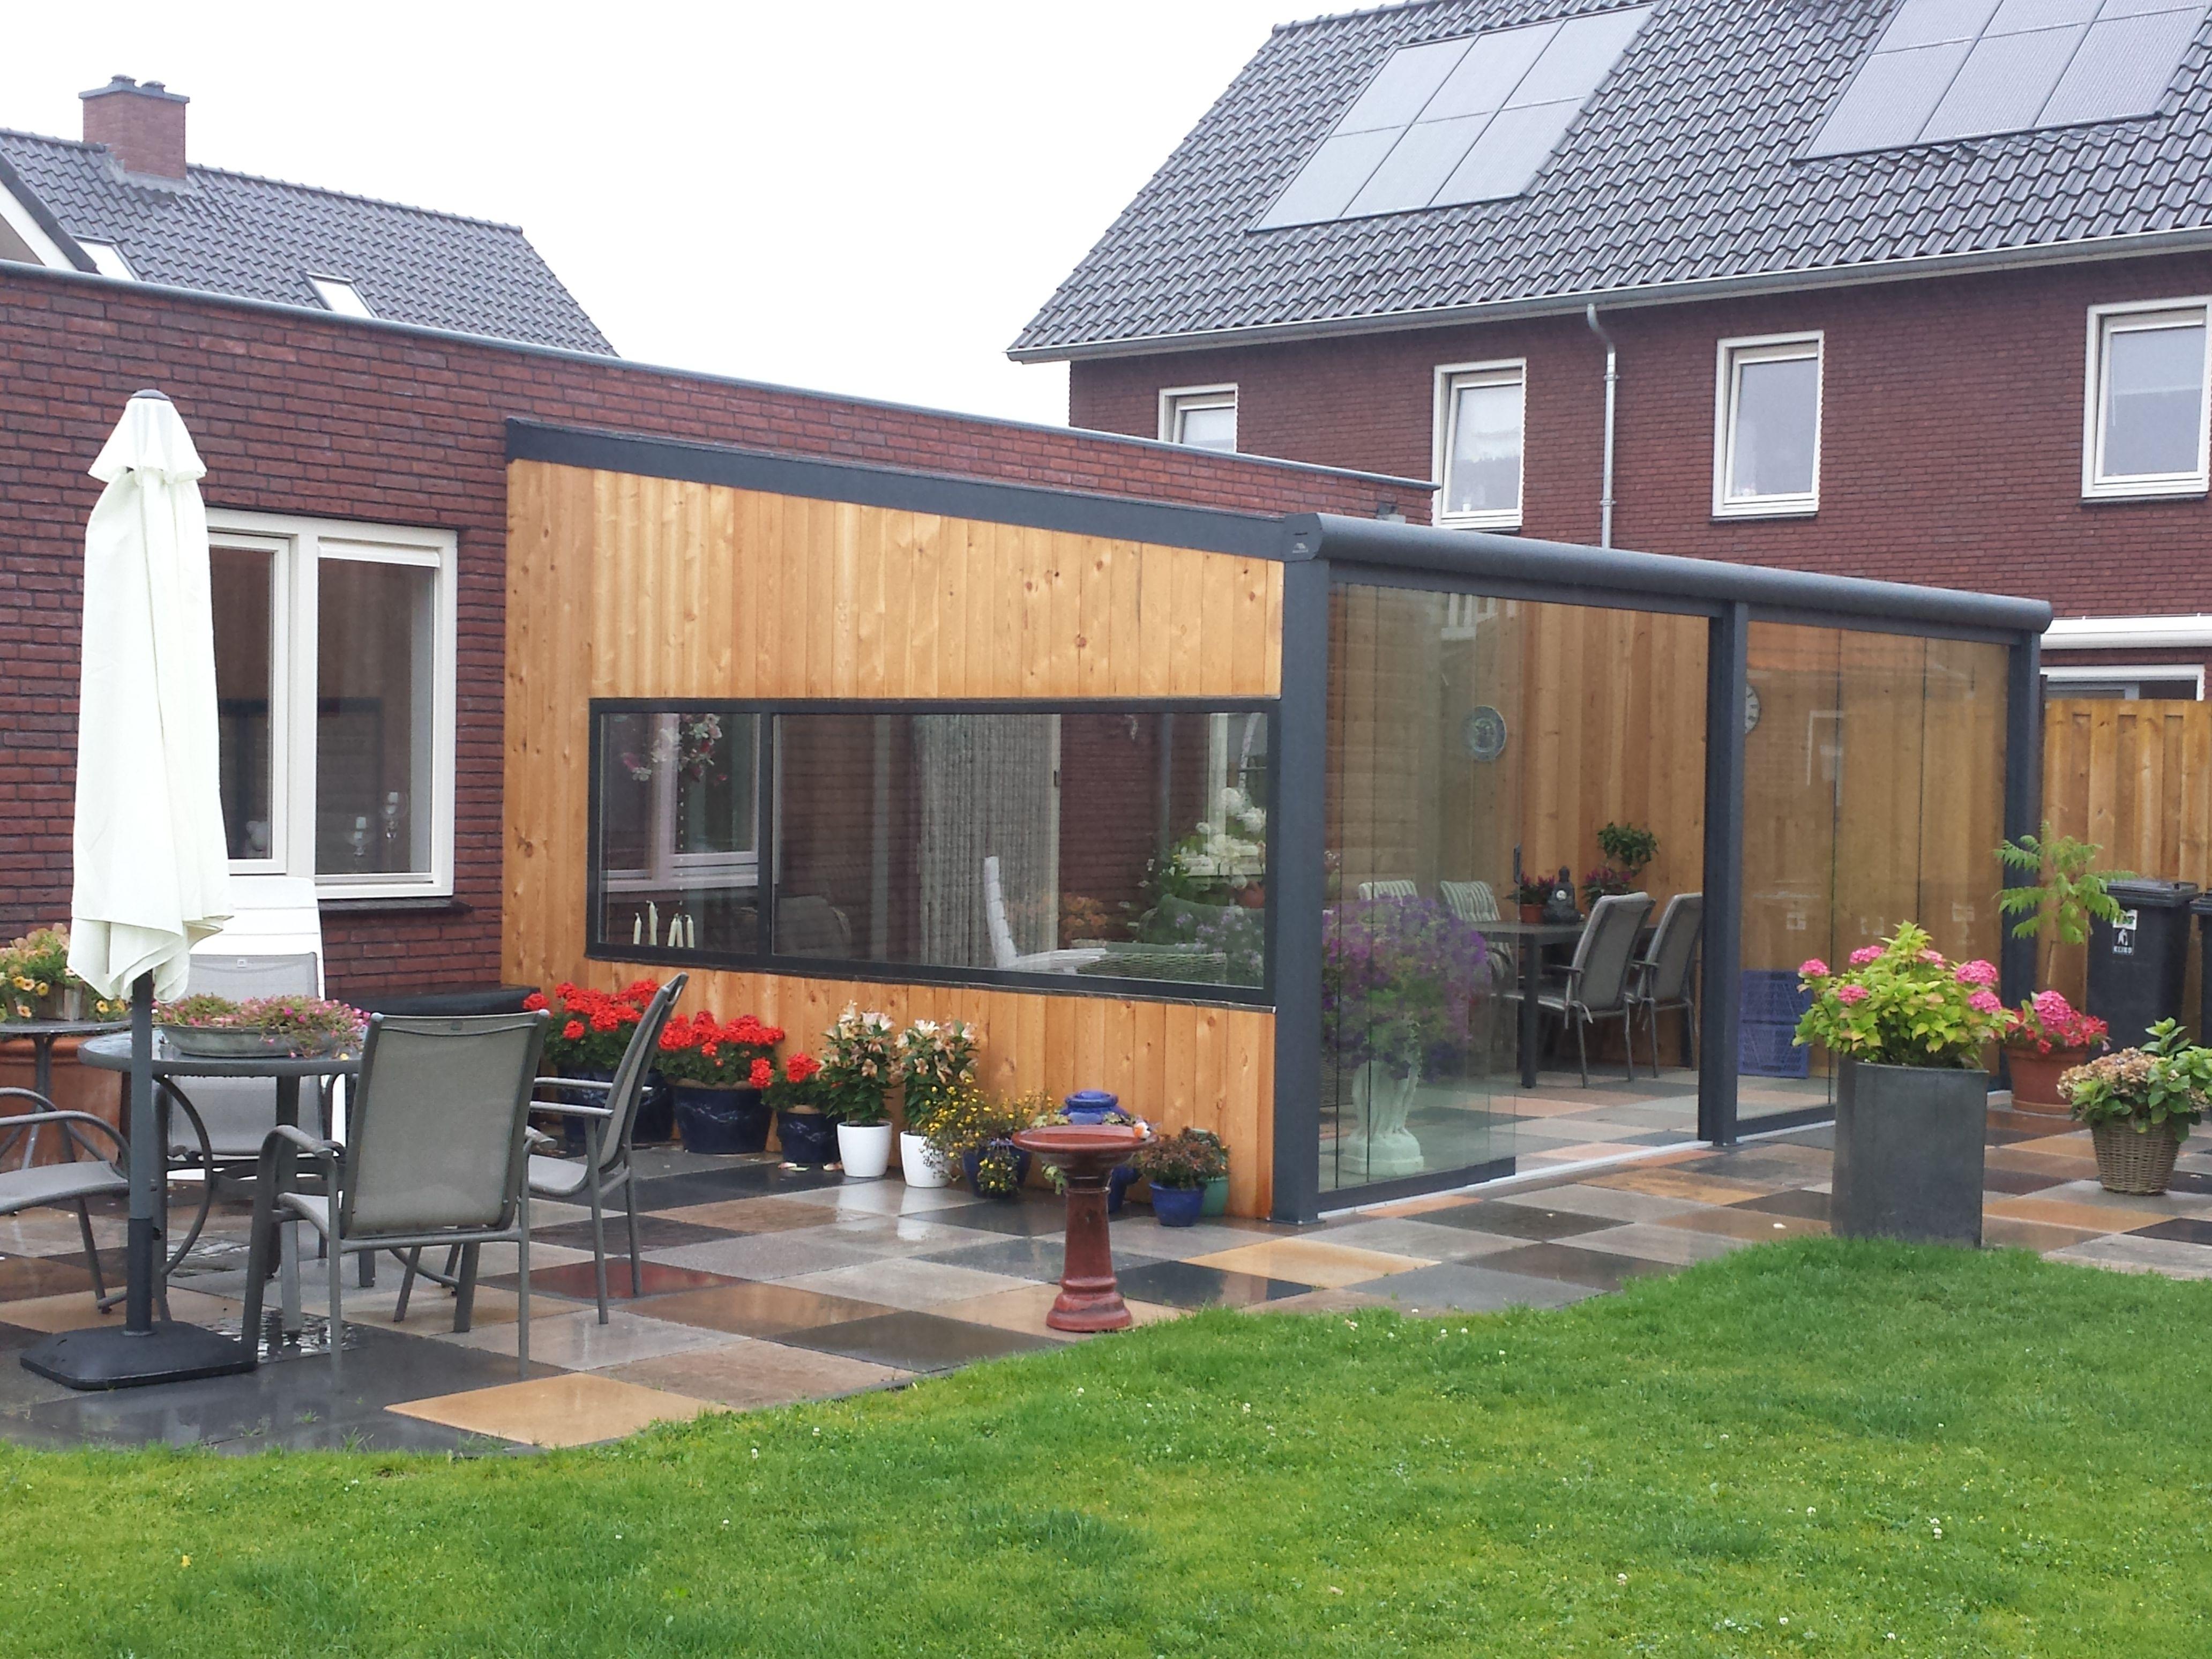 Fonkelnieuw Gumax moderne terrasoverkapping aan aanbouw met glazen dak en FX-78